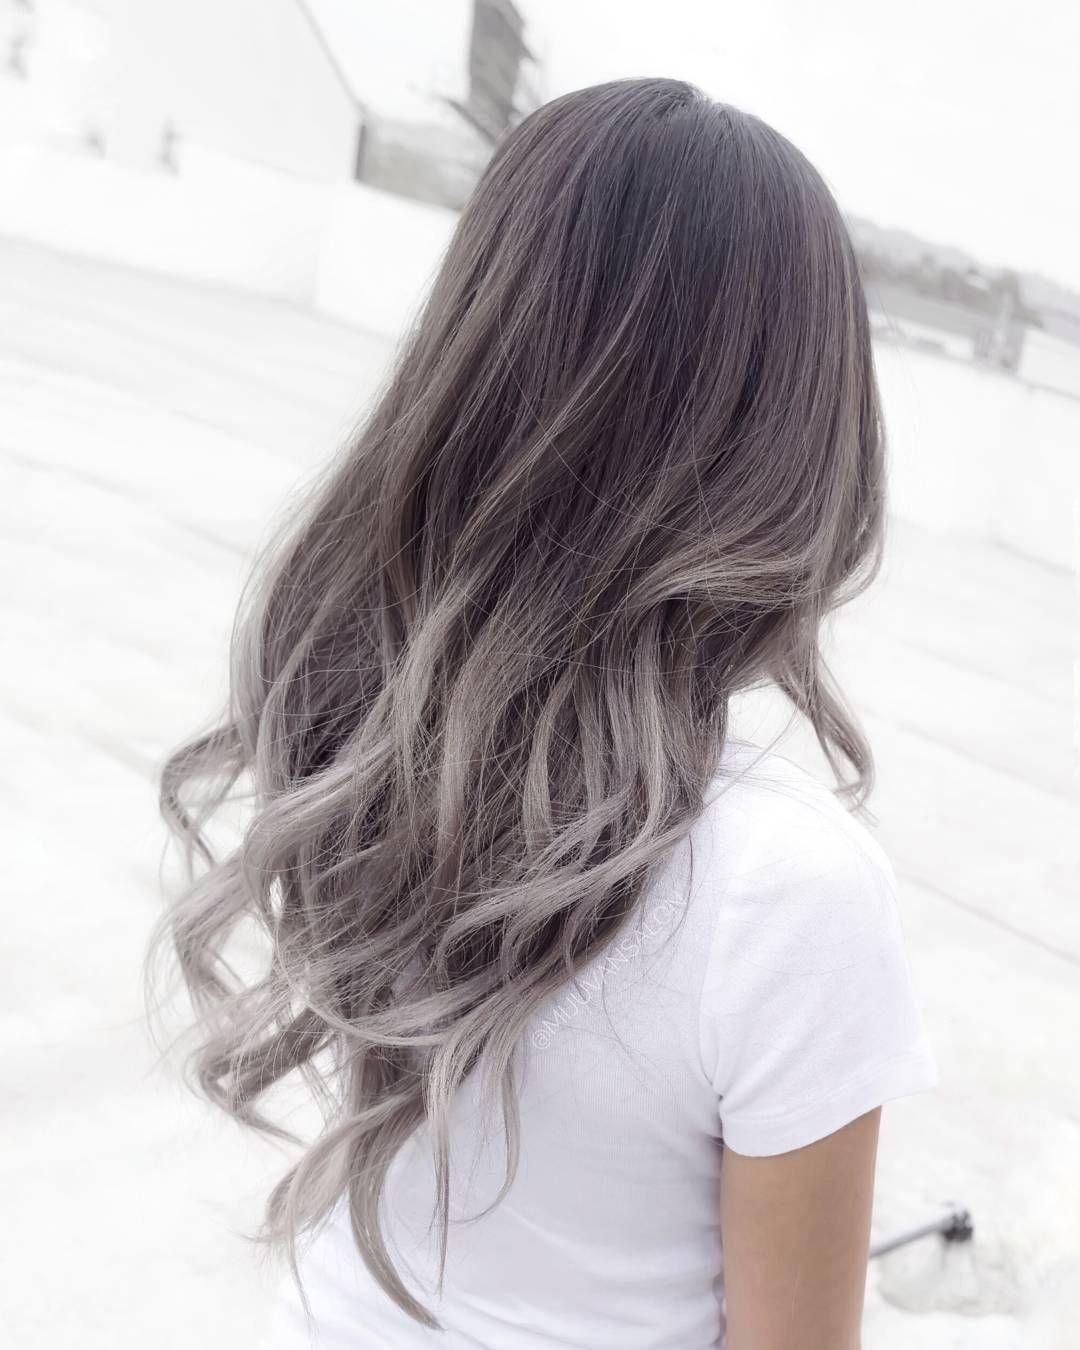 Haare Grau färben - Ombre Grau ist der neue Trend